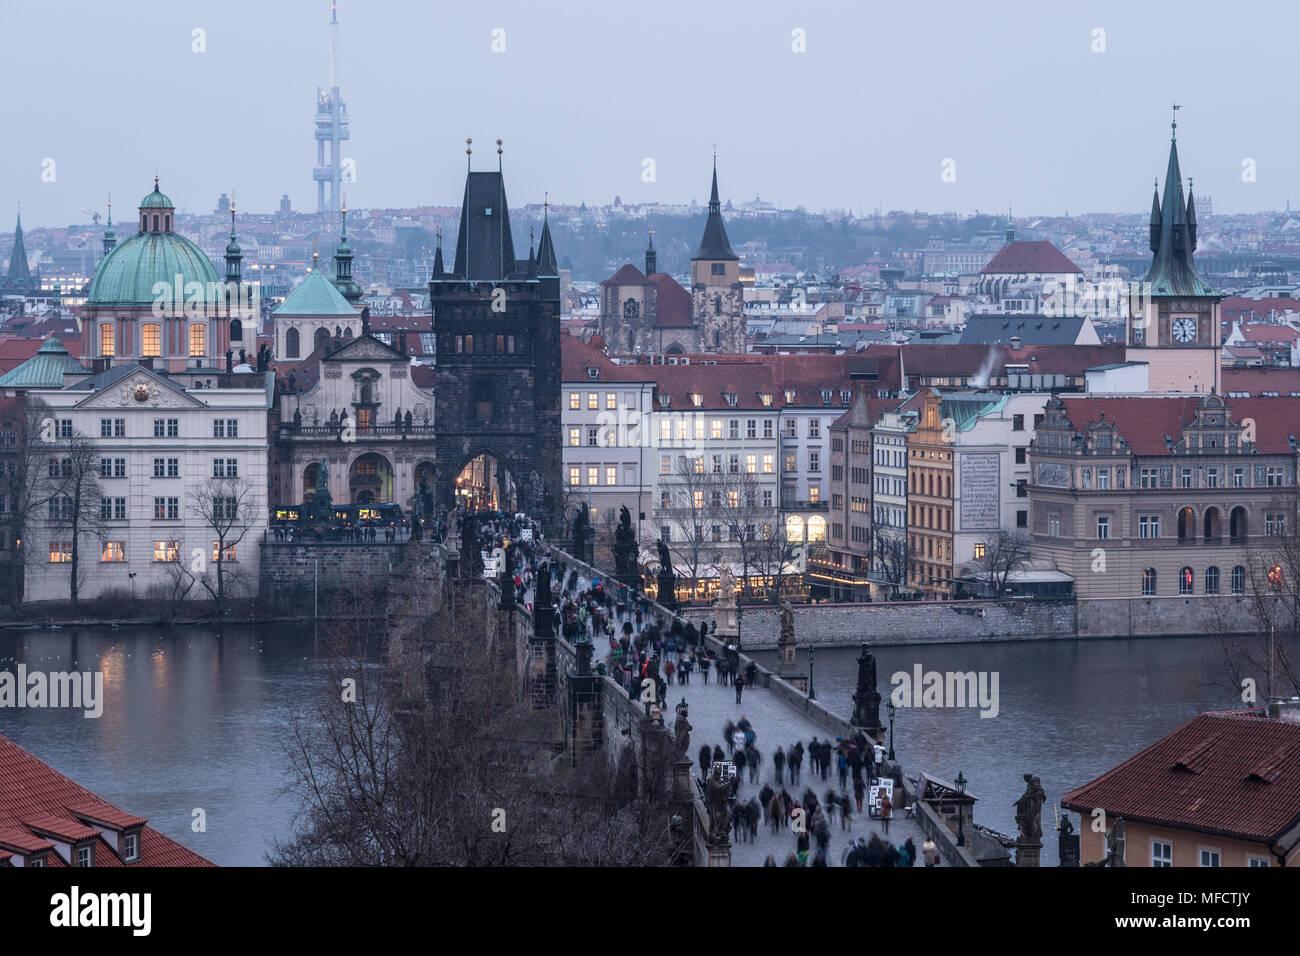 Portrait du célèbre pont Charles et de la vieille ville tour et églises de Prague, République tchèque à la tombée de la capitale Photo Stock